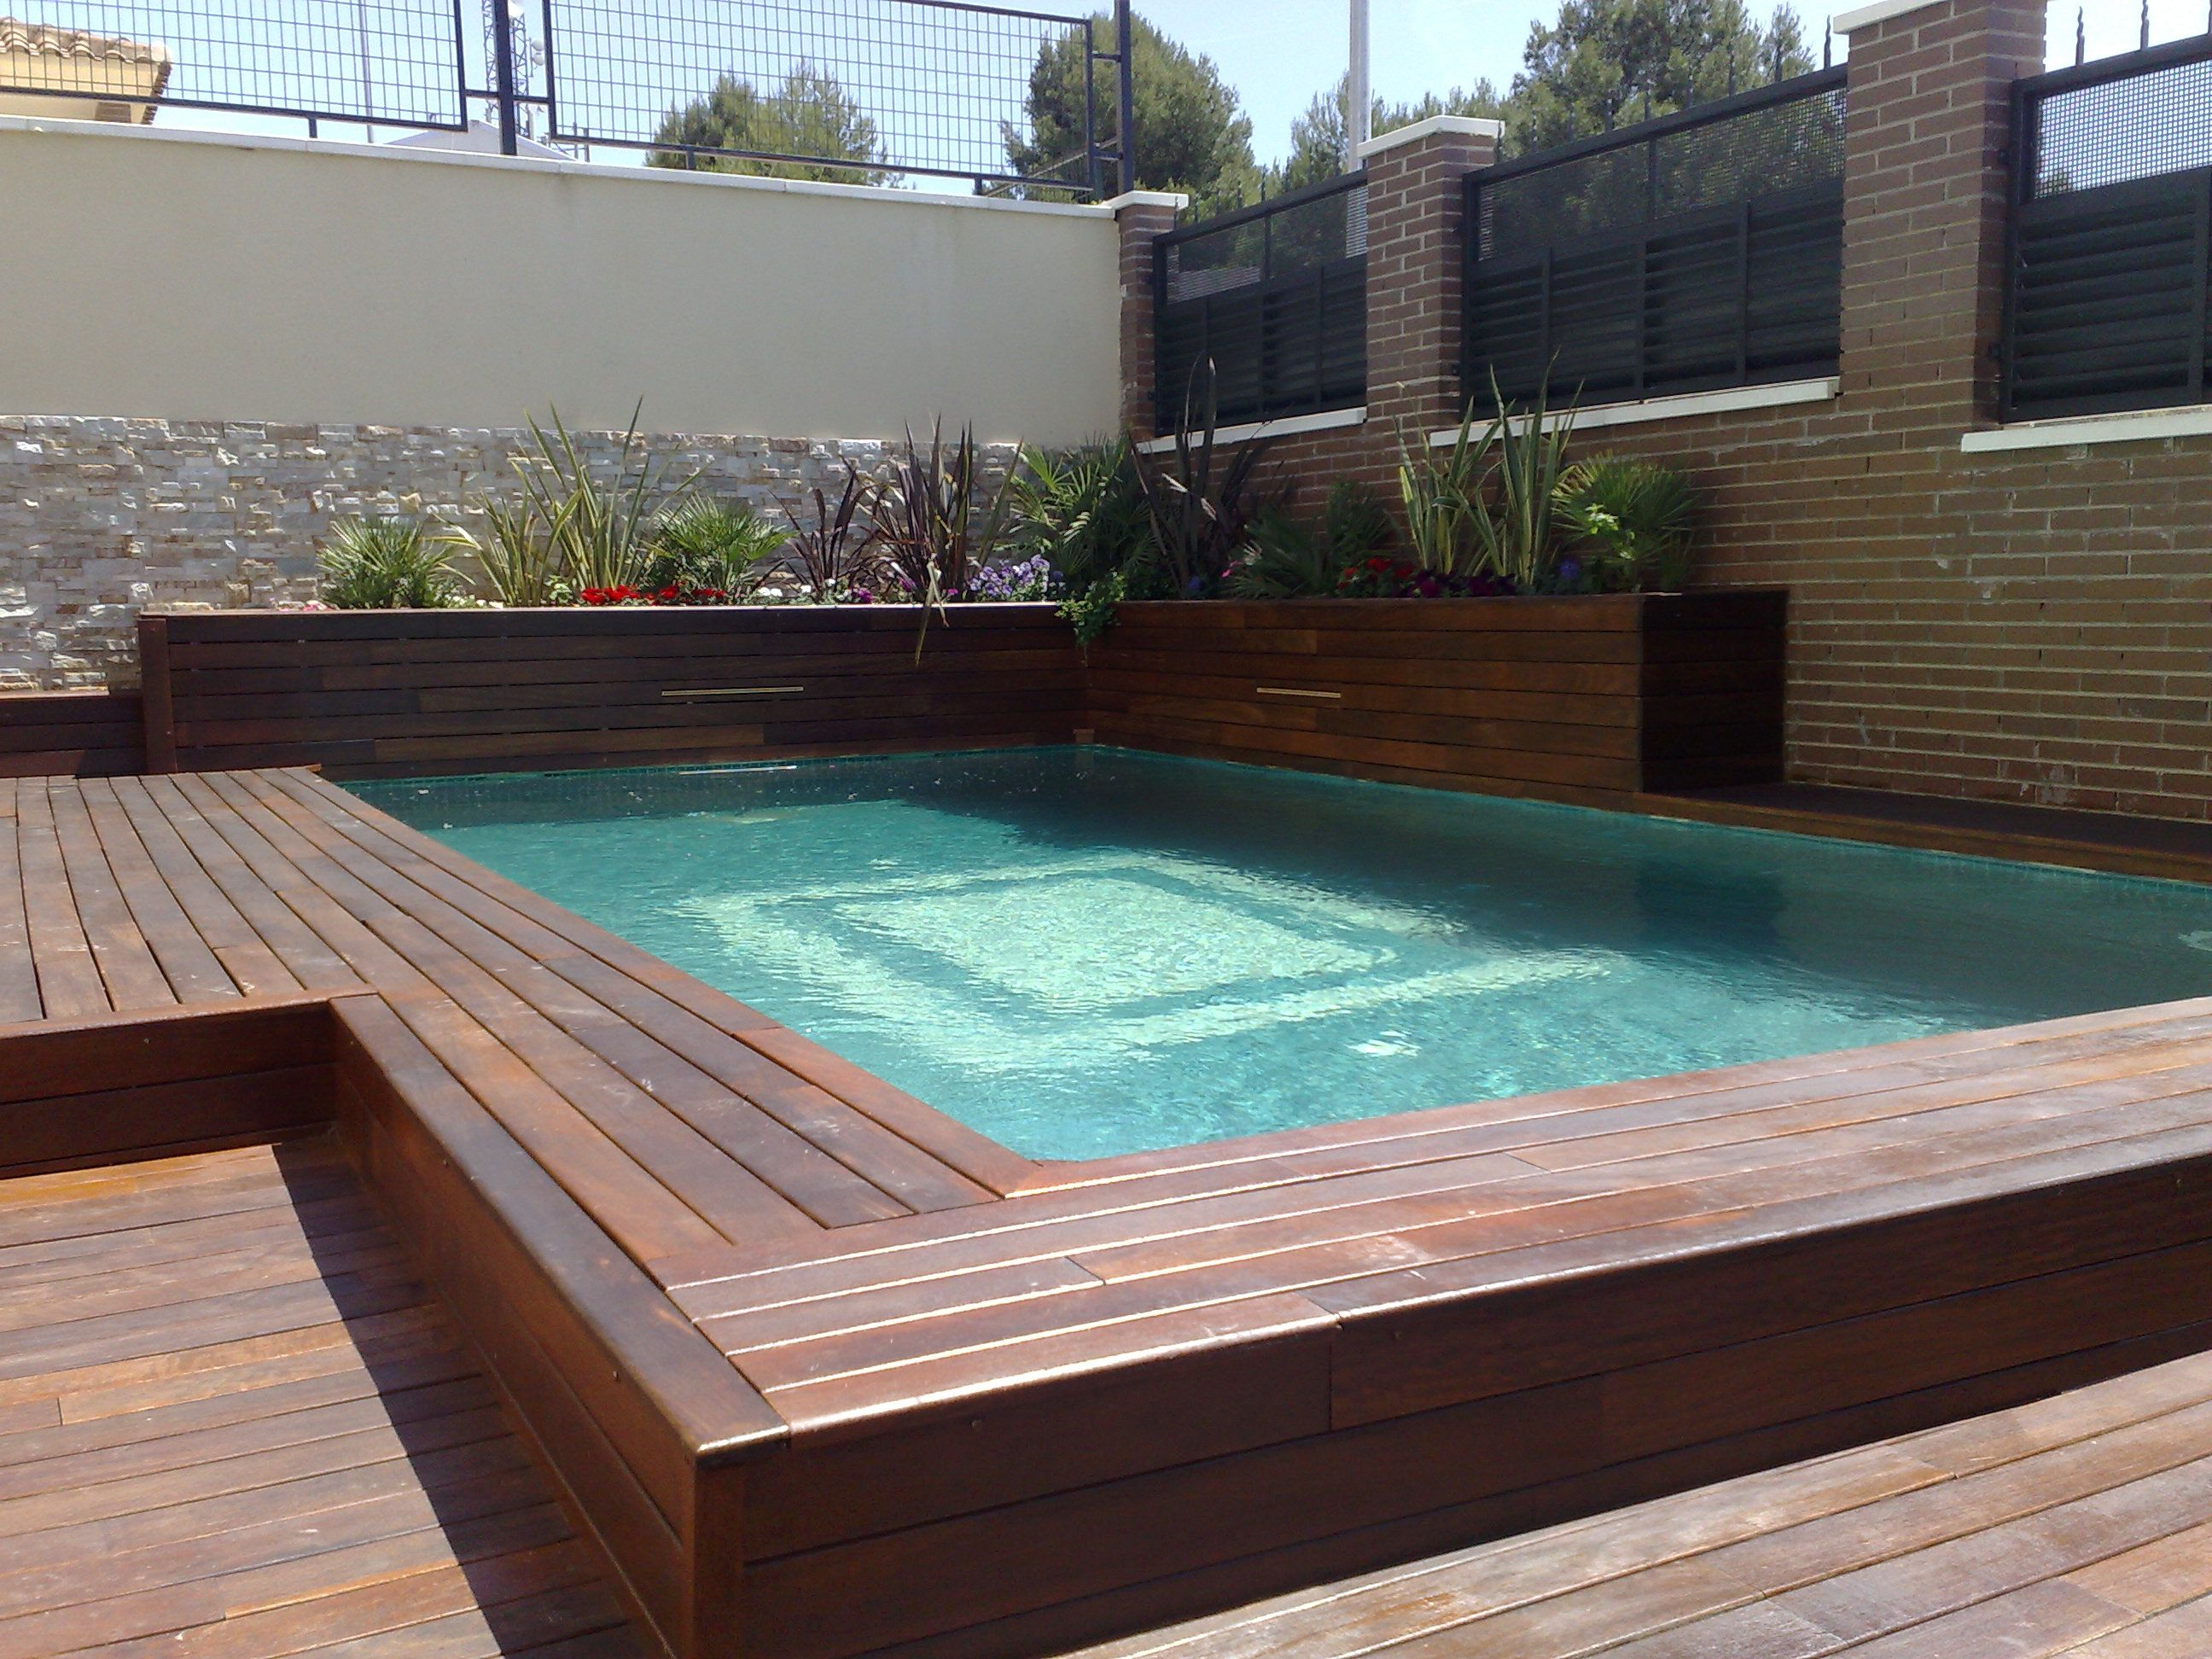 Piscina con tarima de madera ip y jardineras con cascadas - Tarima para piscinas ...